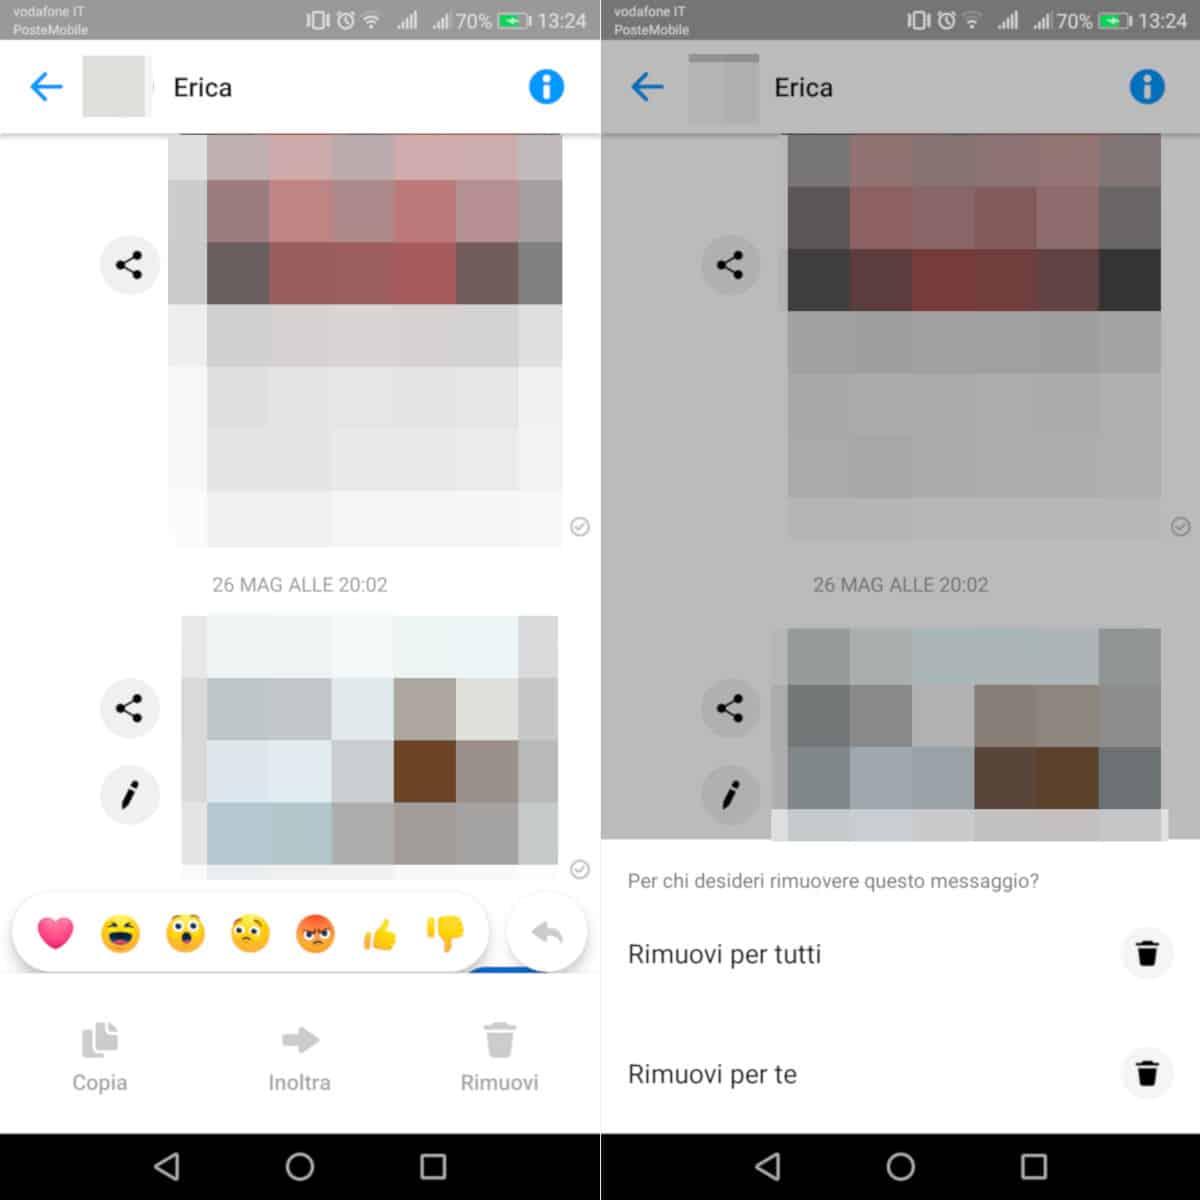 eliminare chat e messaggi da Facebook Messenger opzione Rimuovi per tutti app